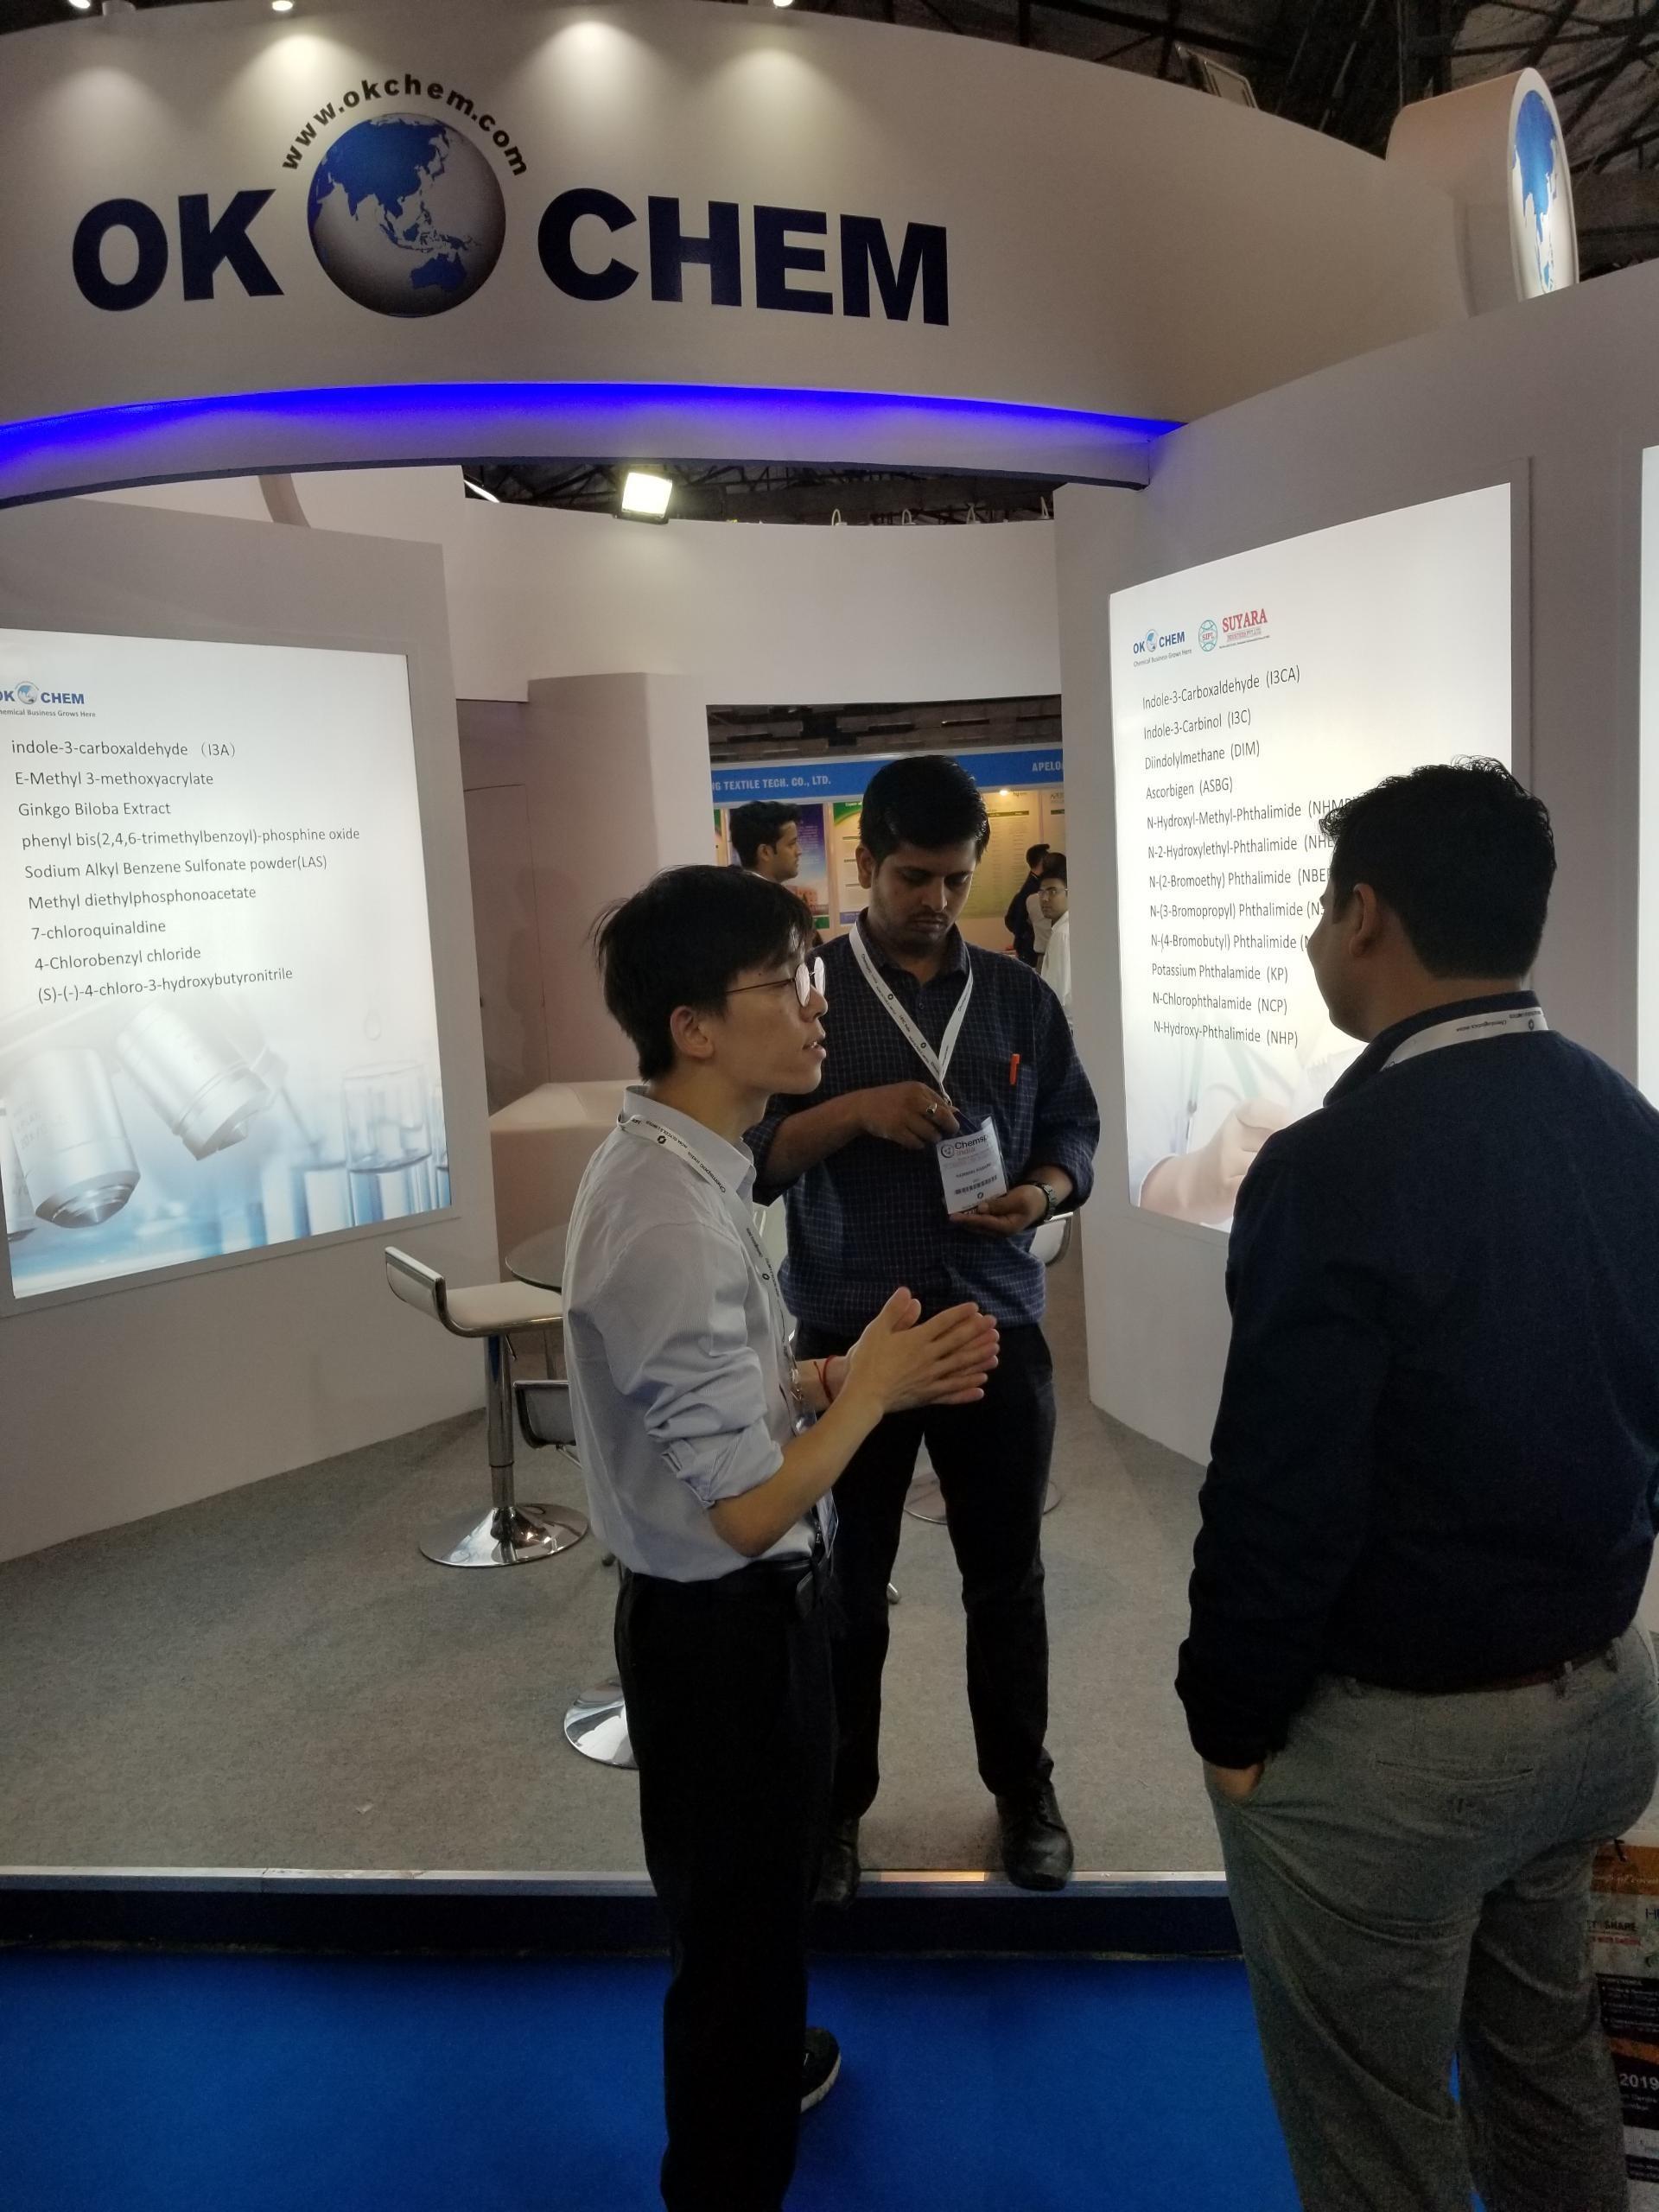 OKCHEM Shone at the ChemSpec India 2019 - OKCHEM - Global B2B